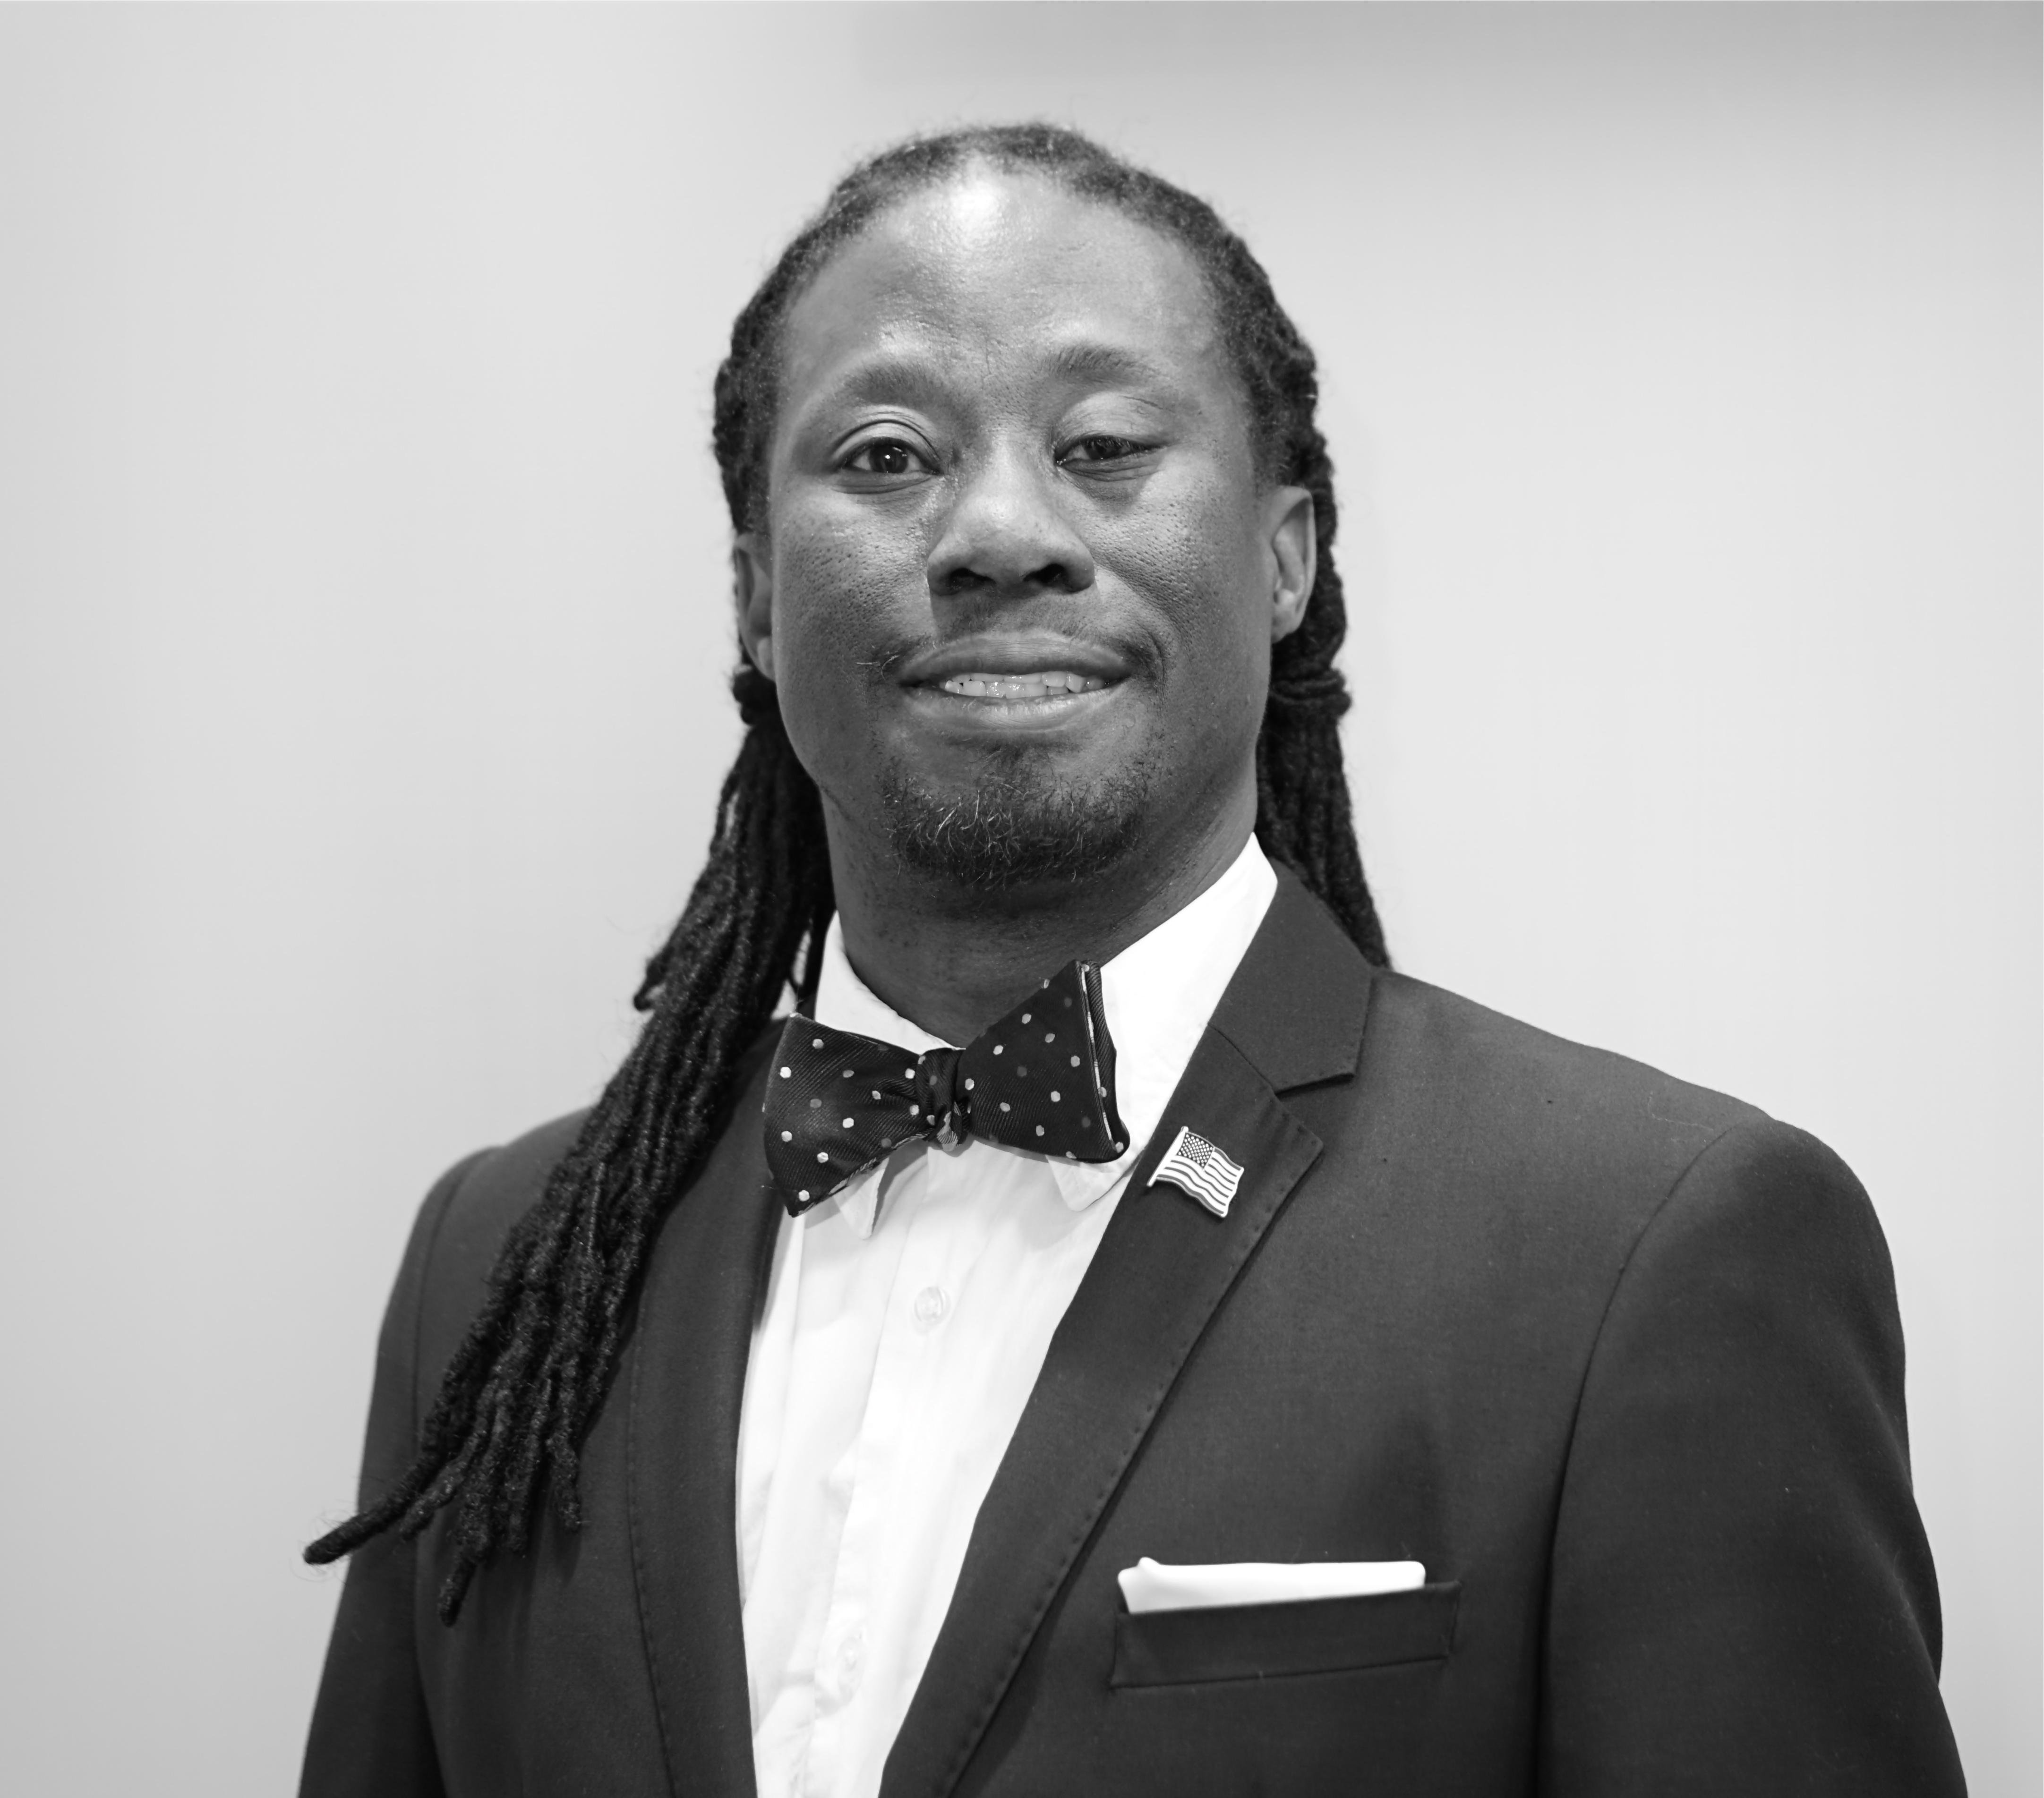 Dr. Oscar Alleyne